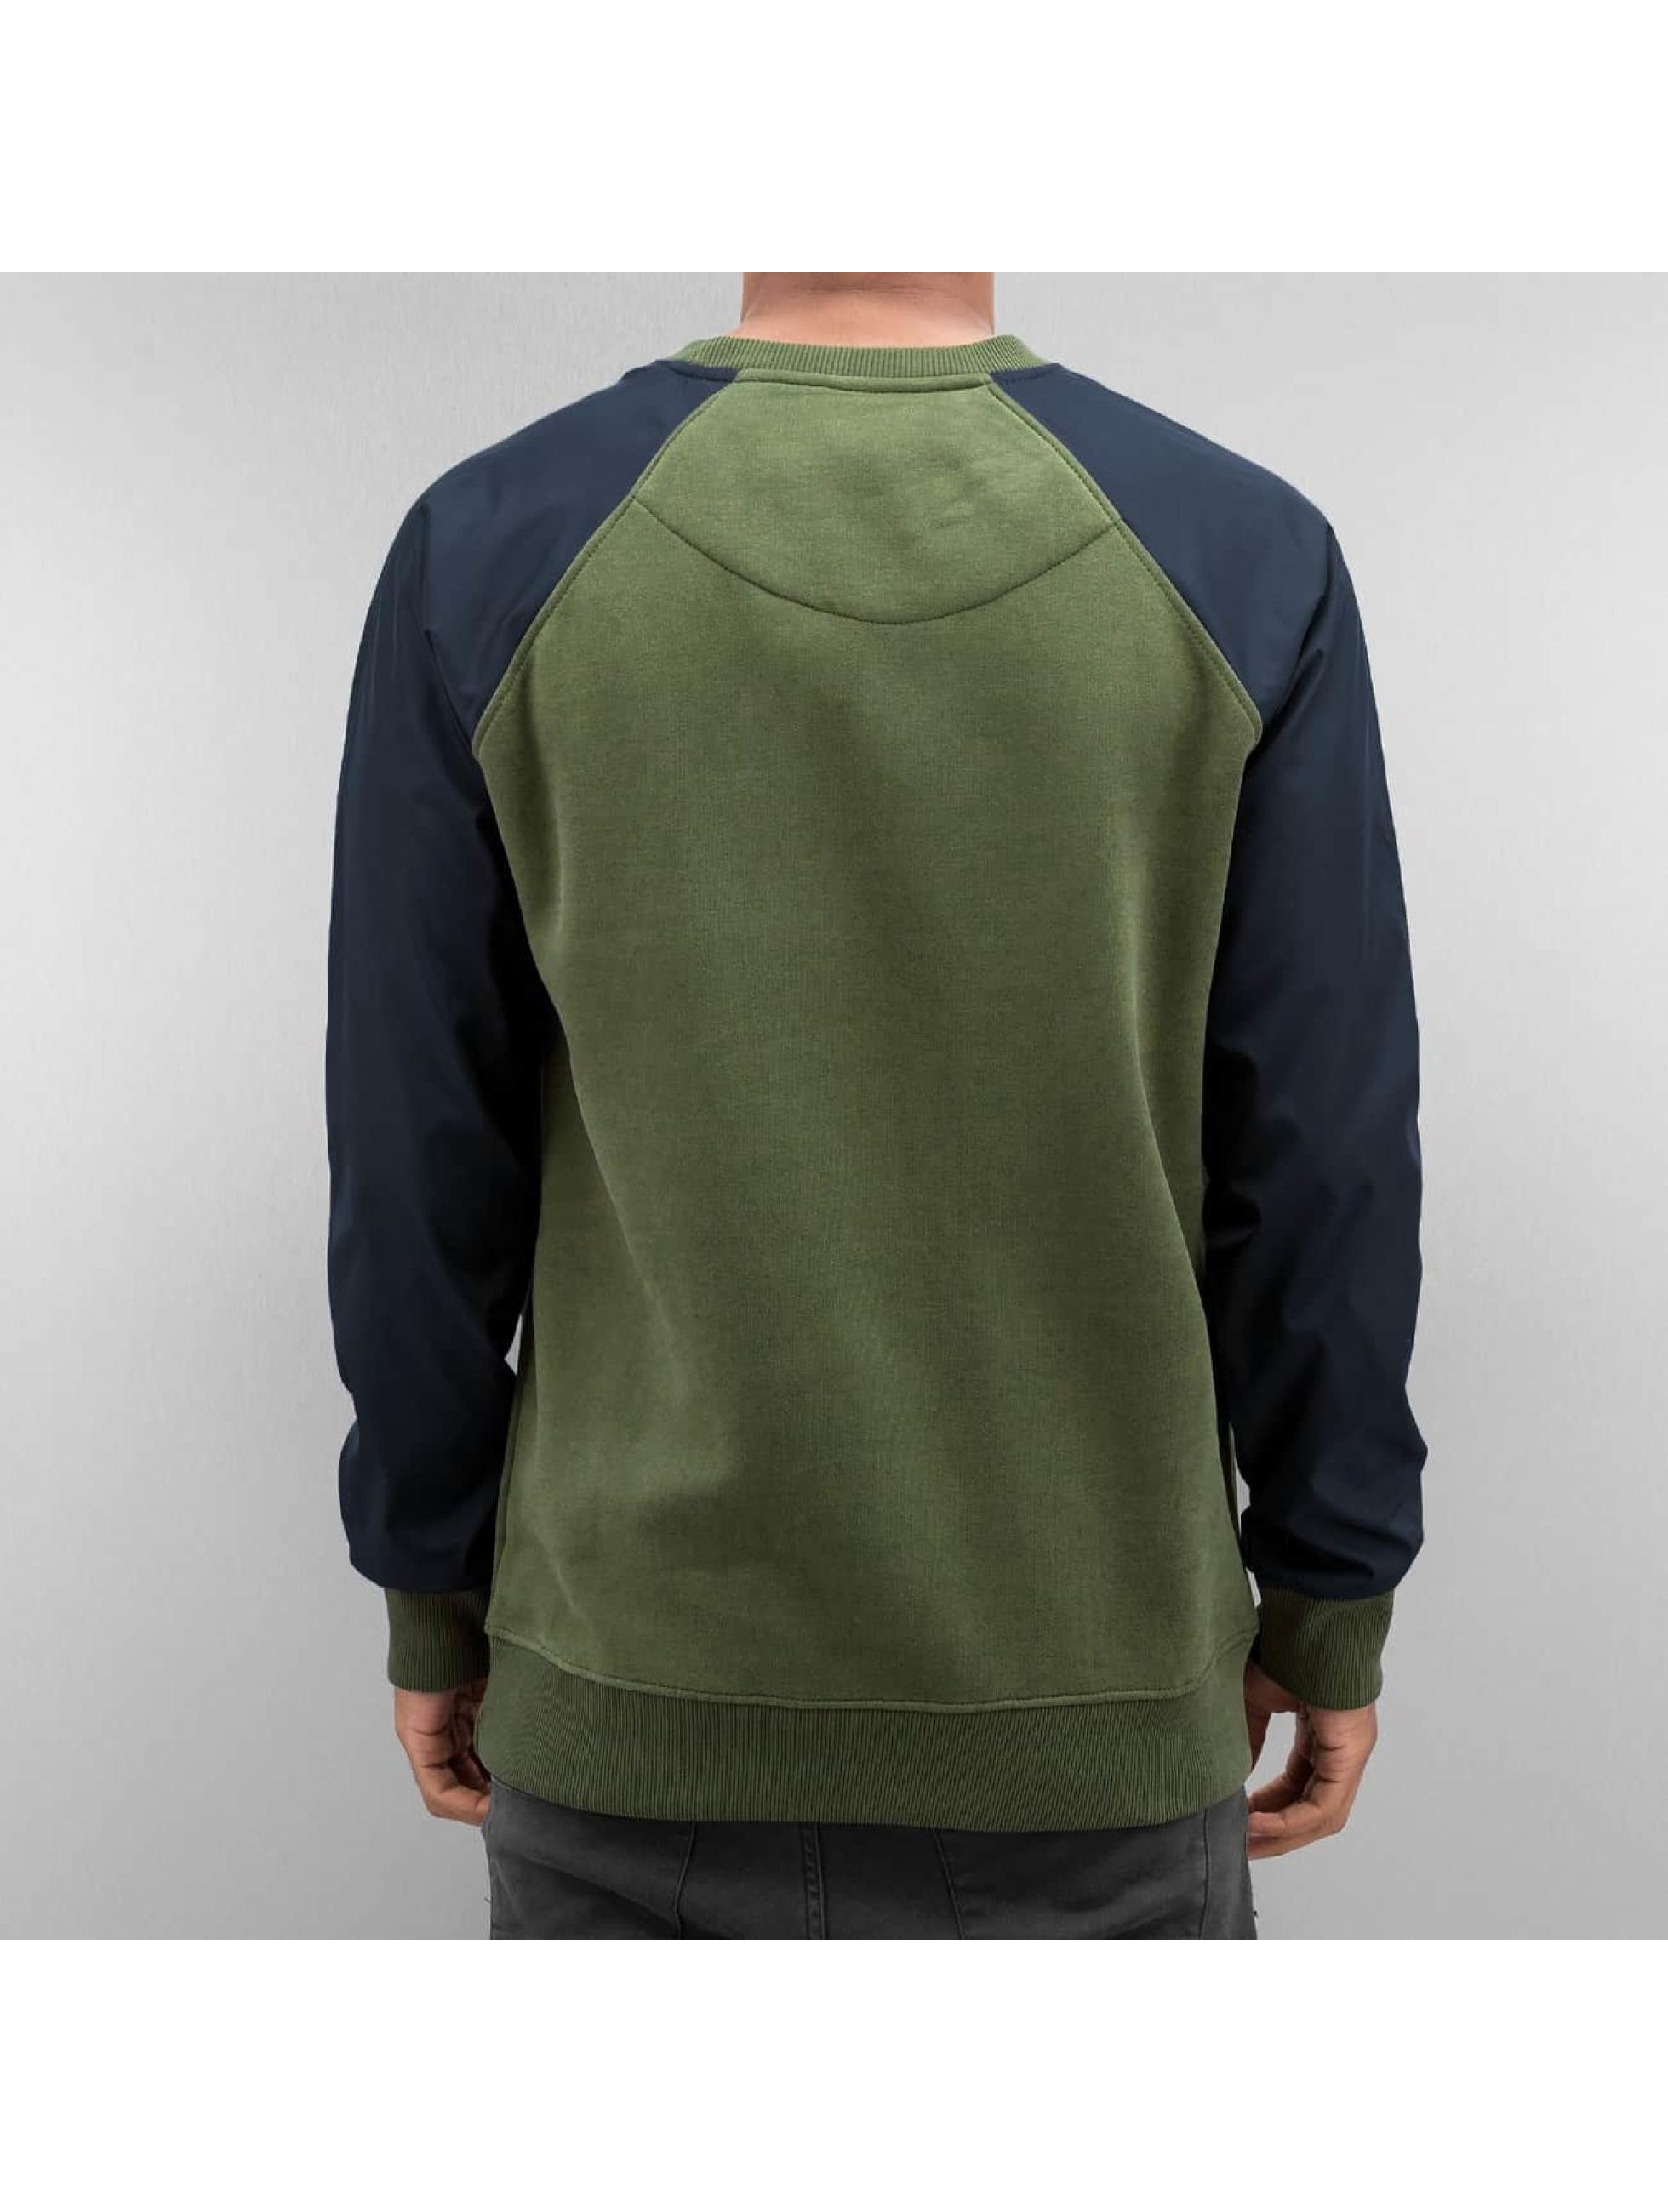 Yezz Swetry Belize oliwkowy